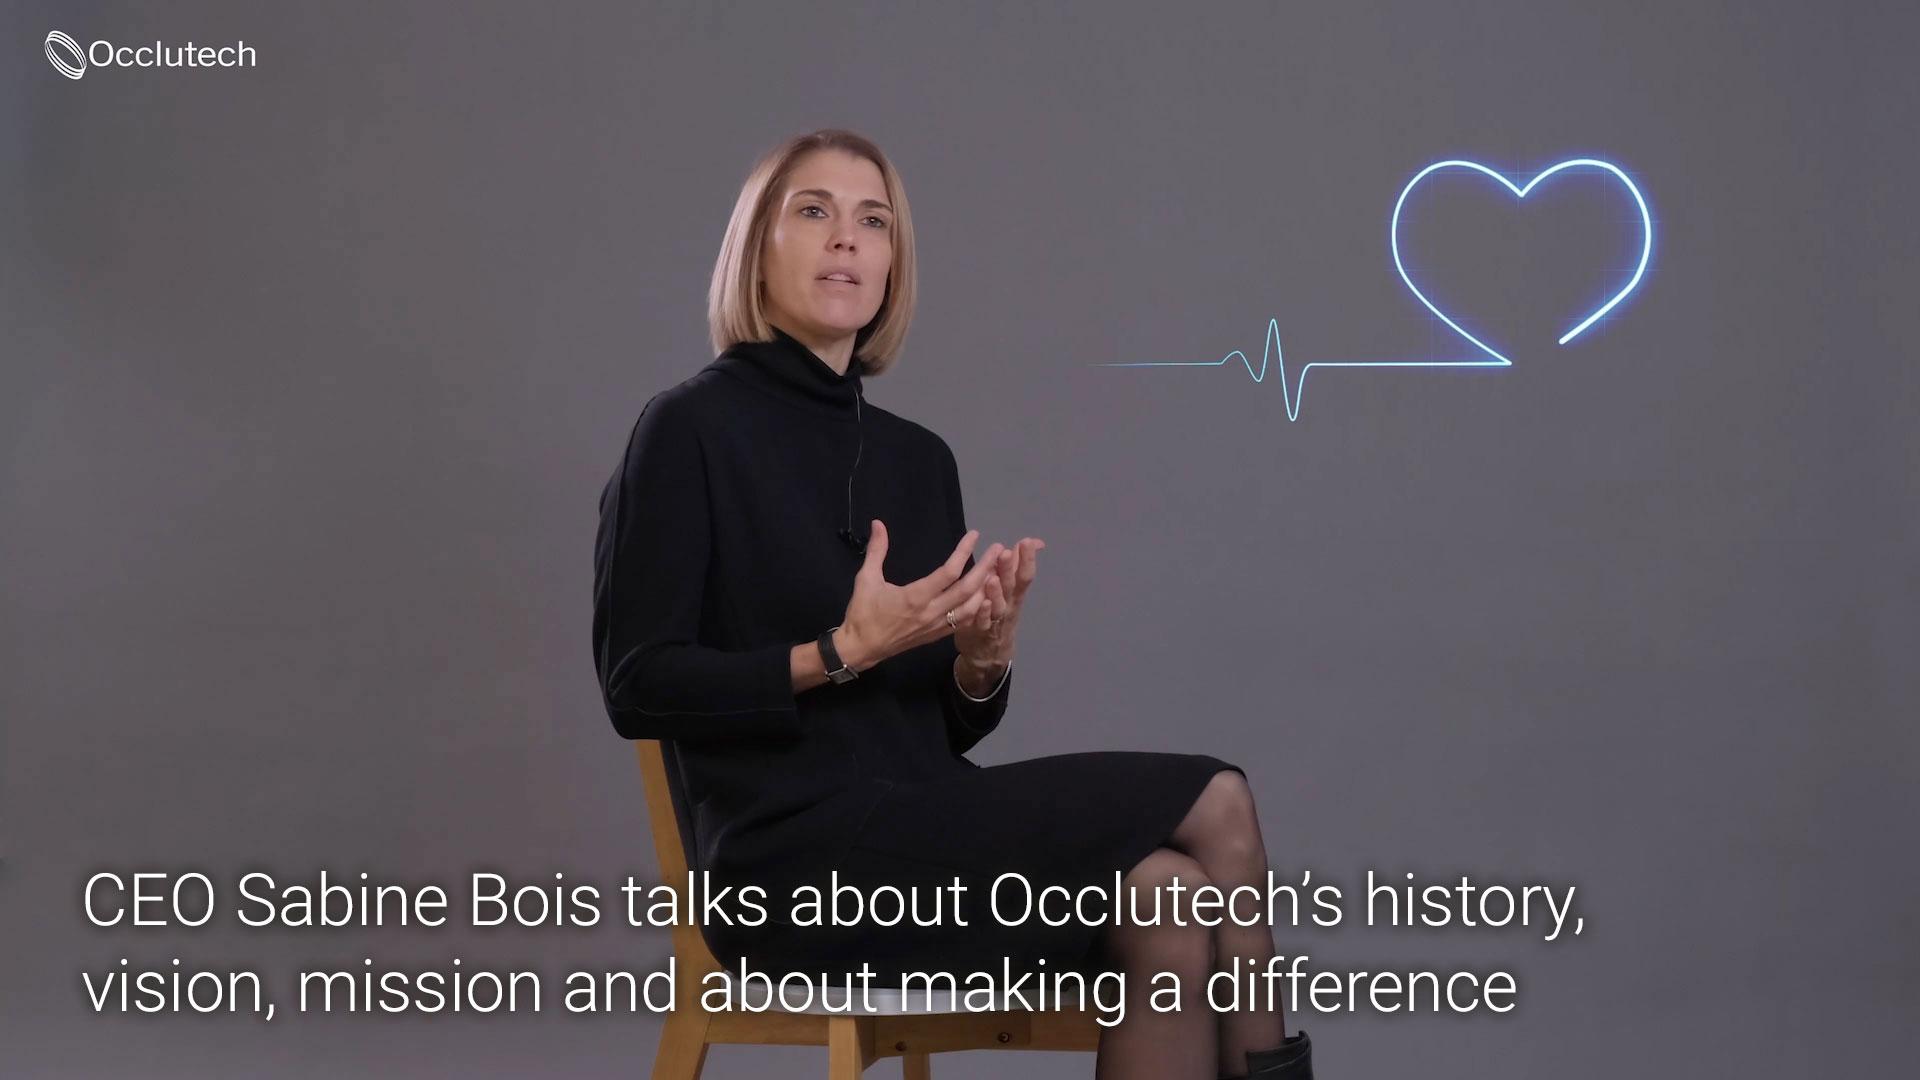 Occlutech interview brand